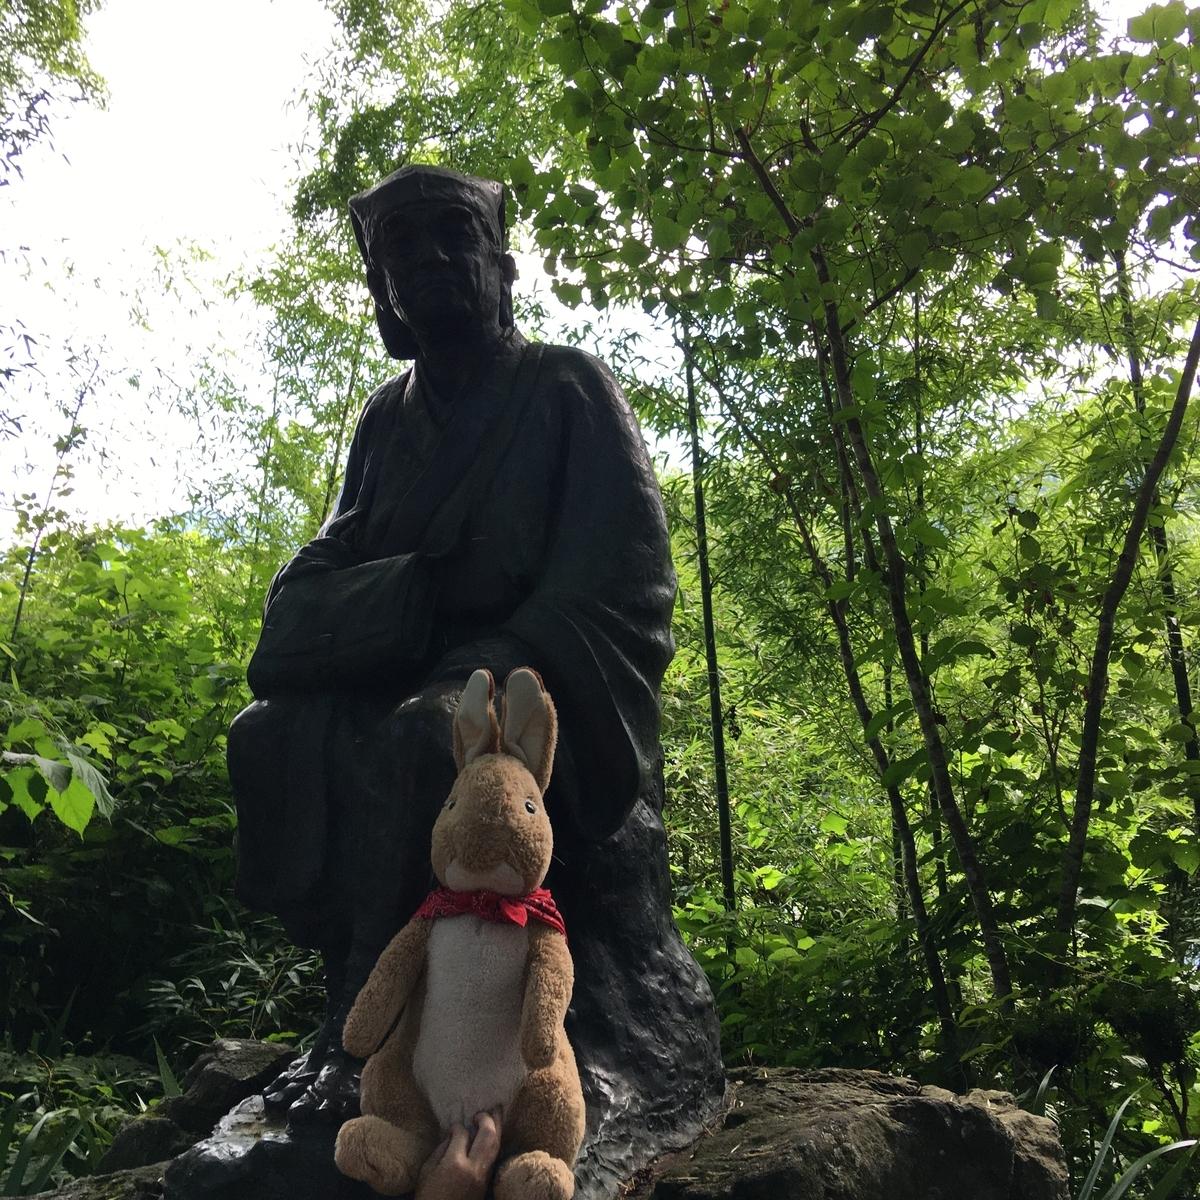 松尾芭蕉で有名な山寺銅像